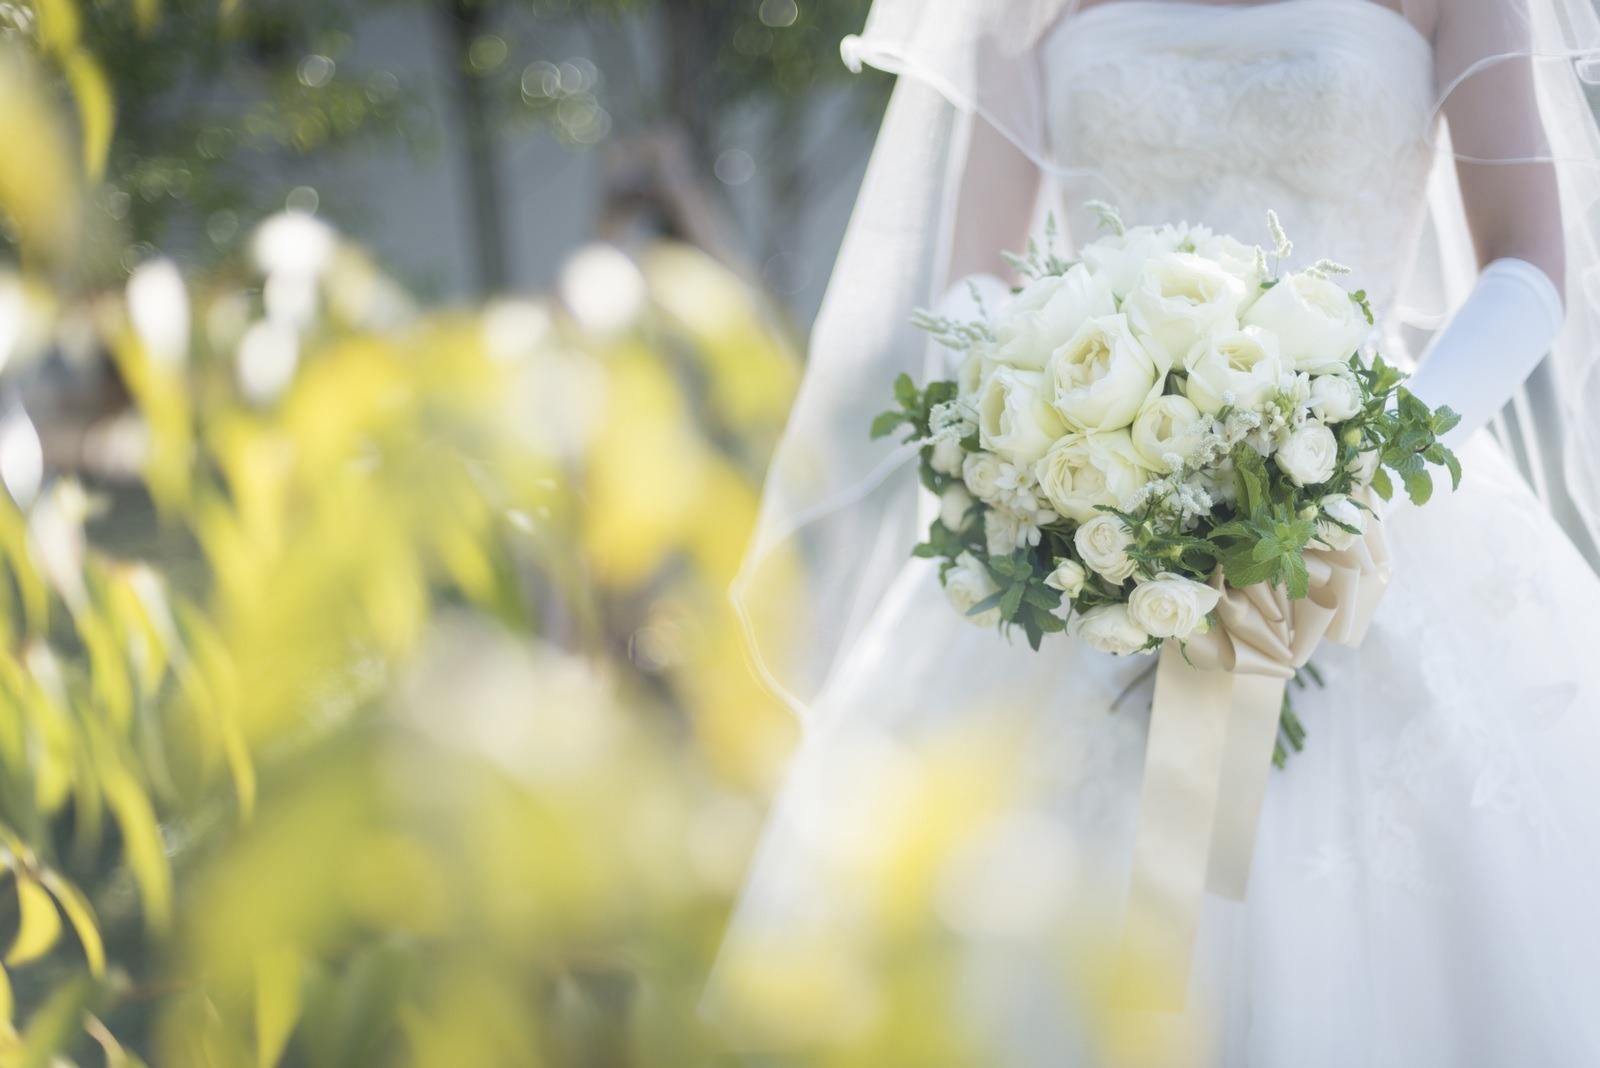 香川県の結婚式場シェルエメールのブーケを持った花嫁